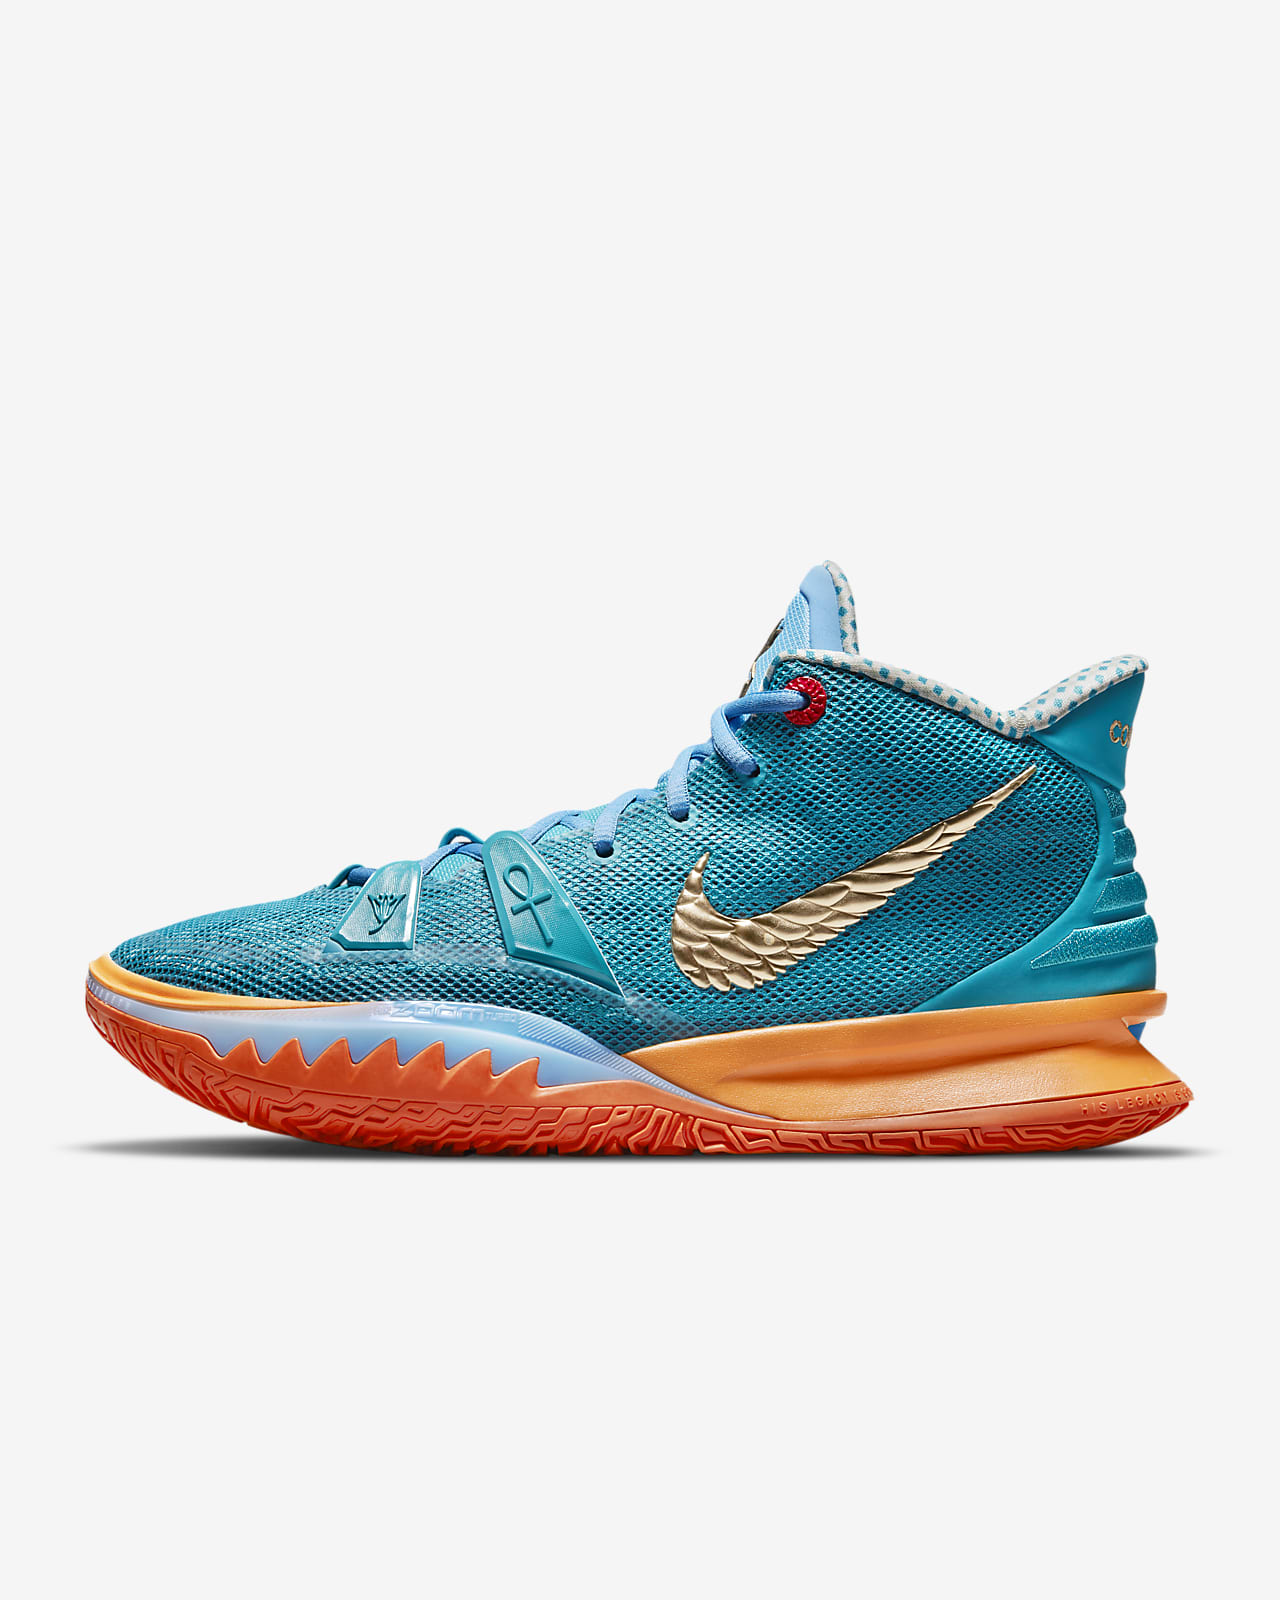 Kyrie 7 EP x Concepts 'Horus' Basketball Shoe